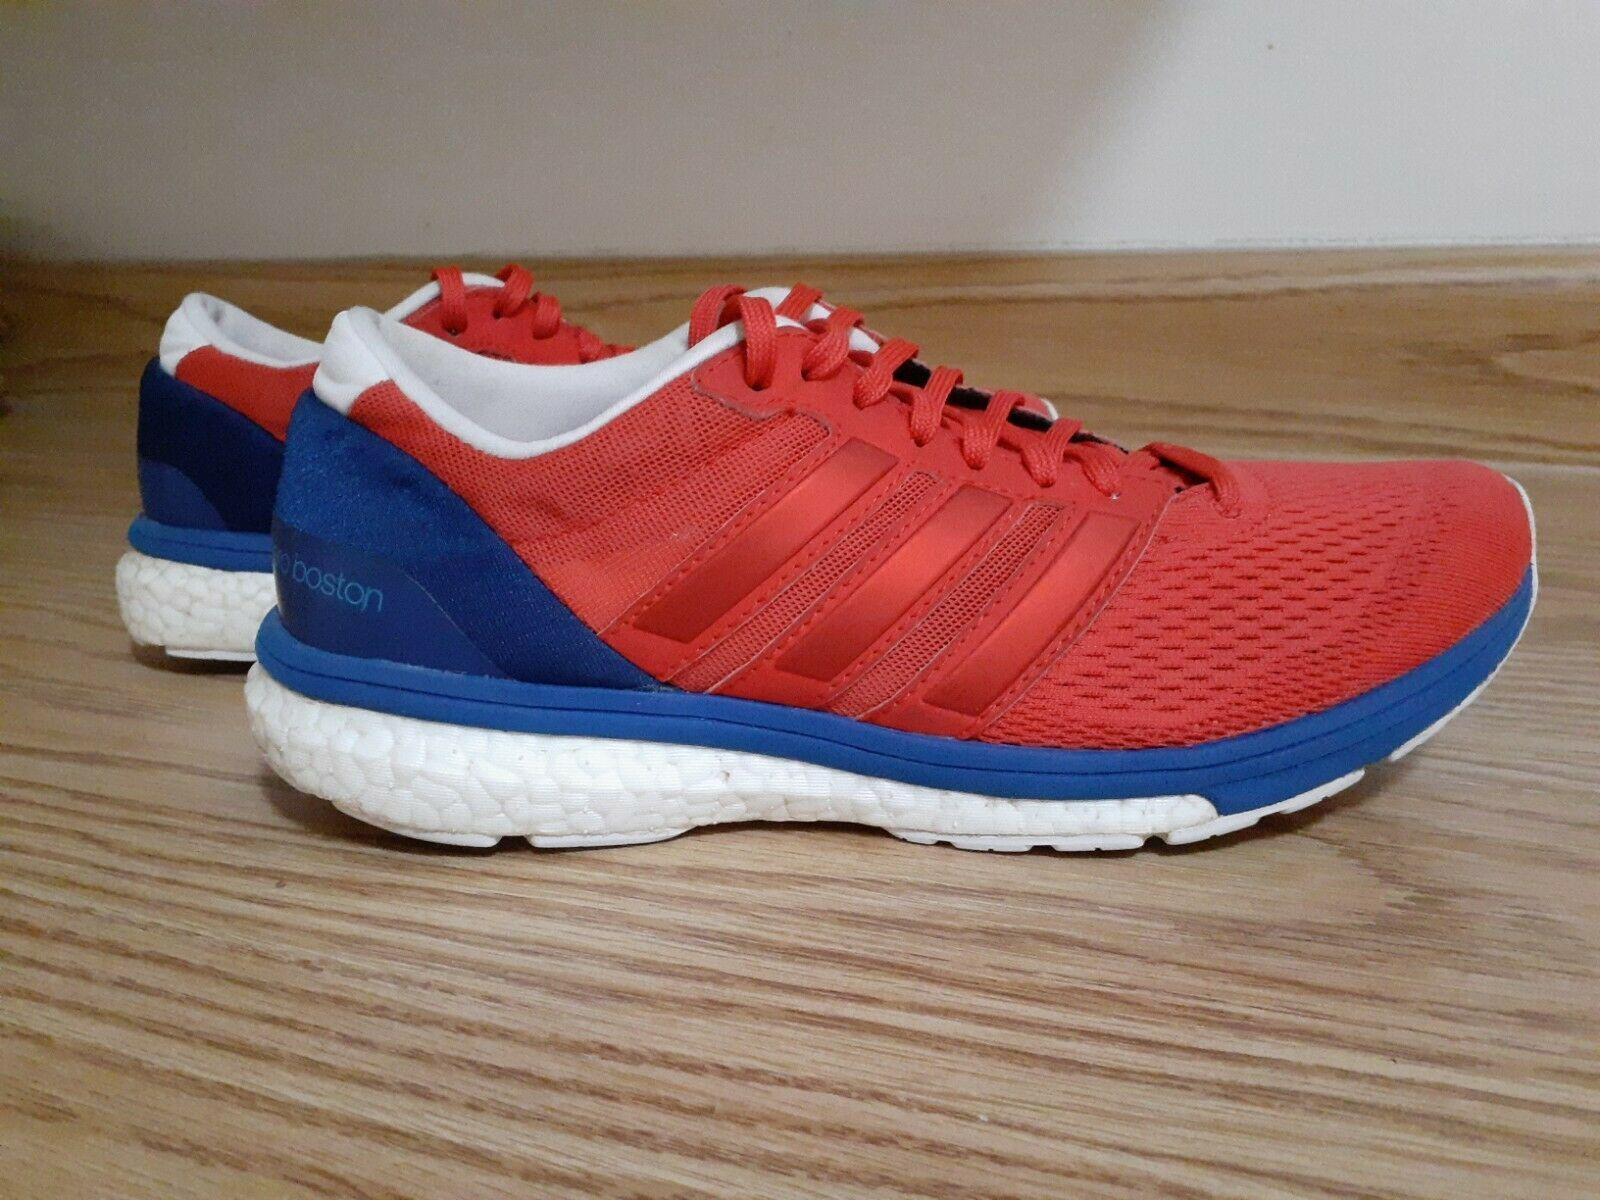 Adidas Adizero Boston Boost Men's Size